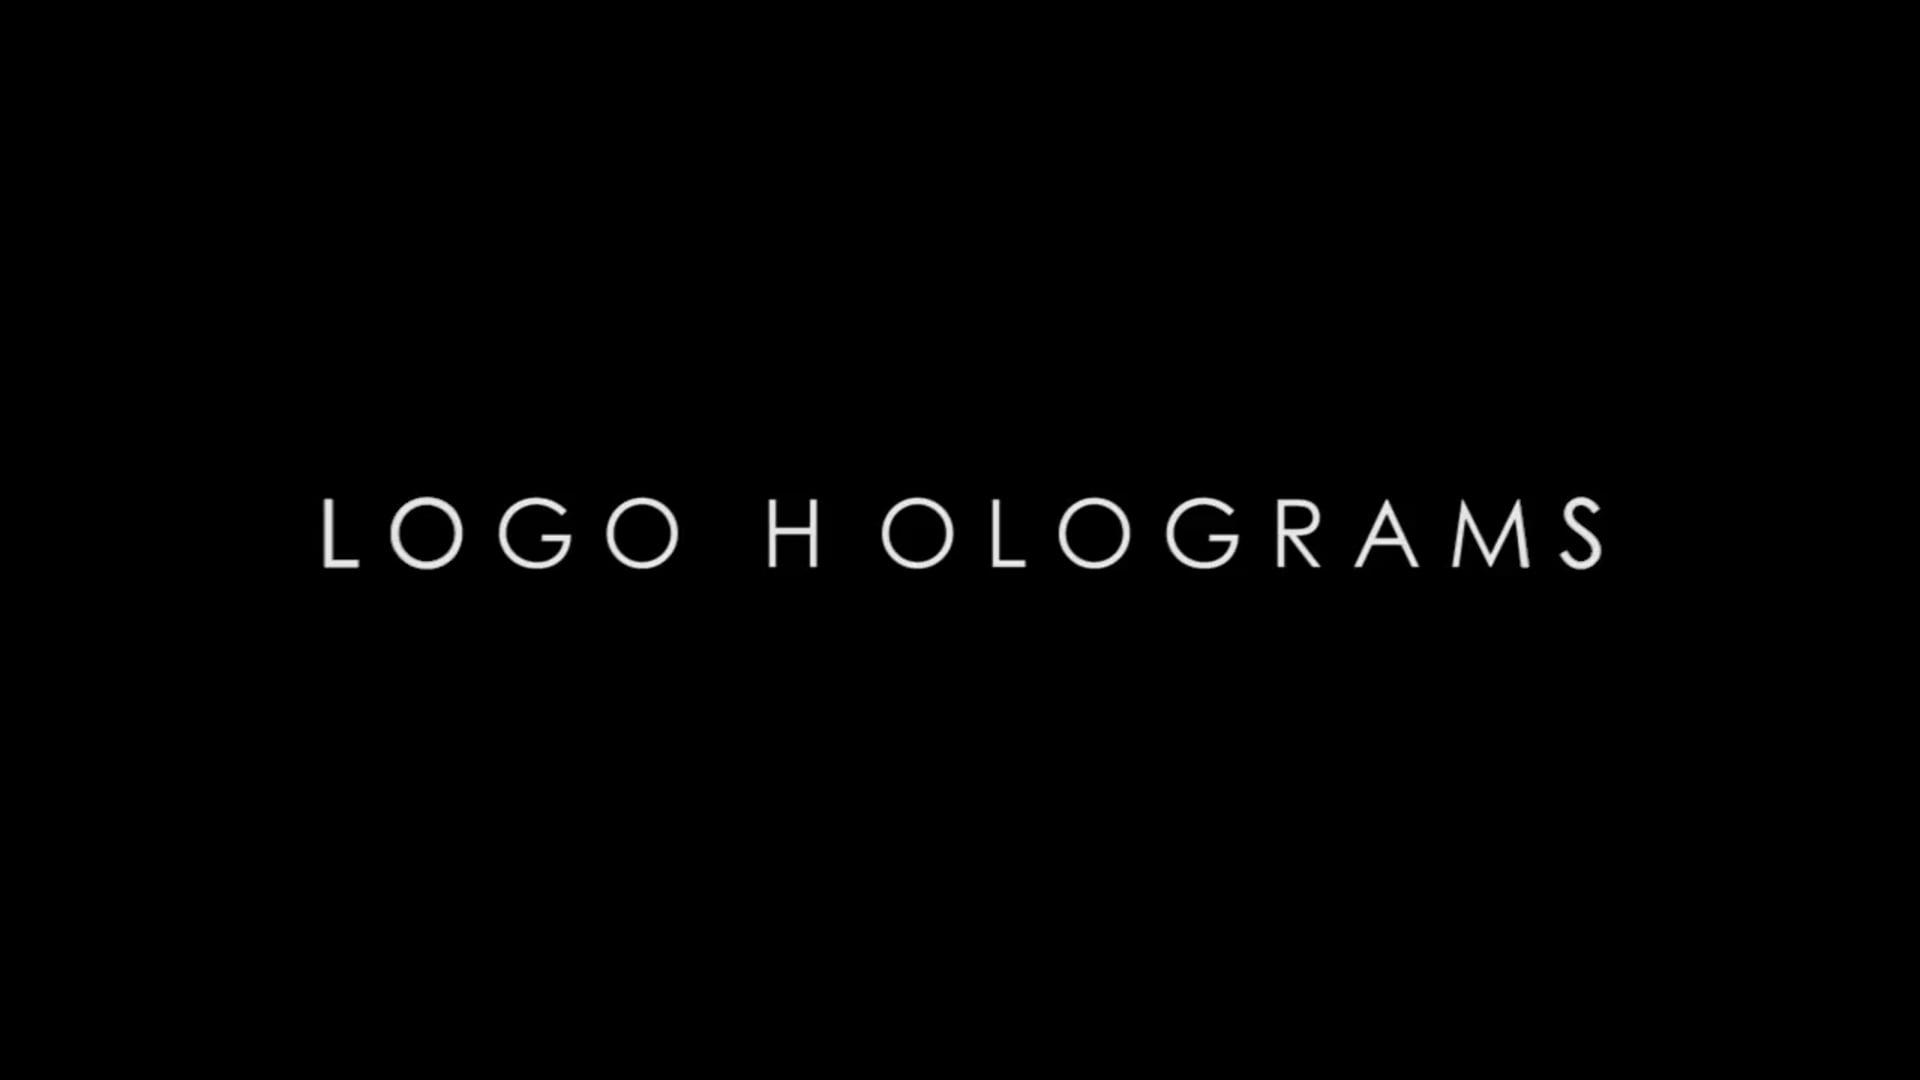 Hologram Notepads - Blue Chip Promo